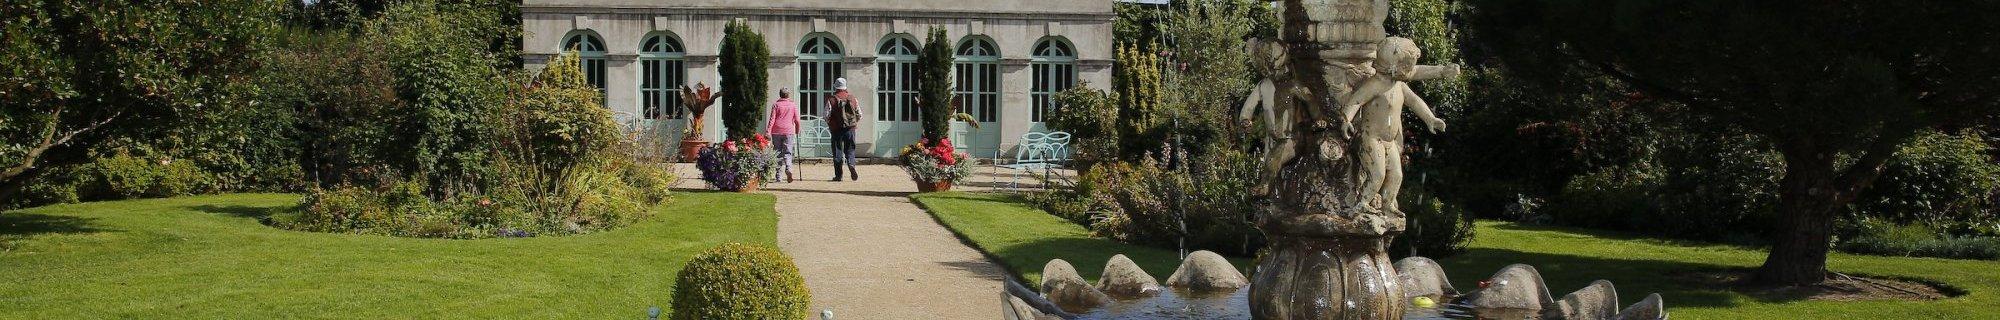 Marlay Park Walled Garden